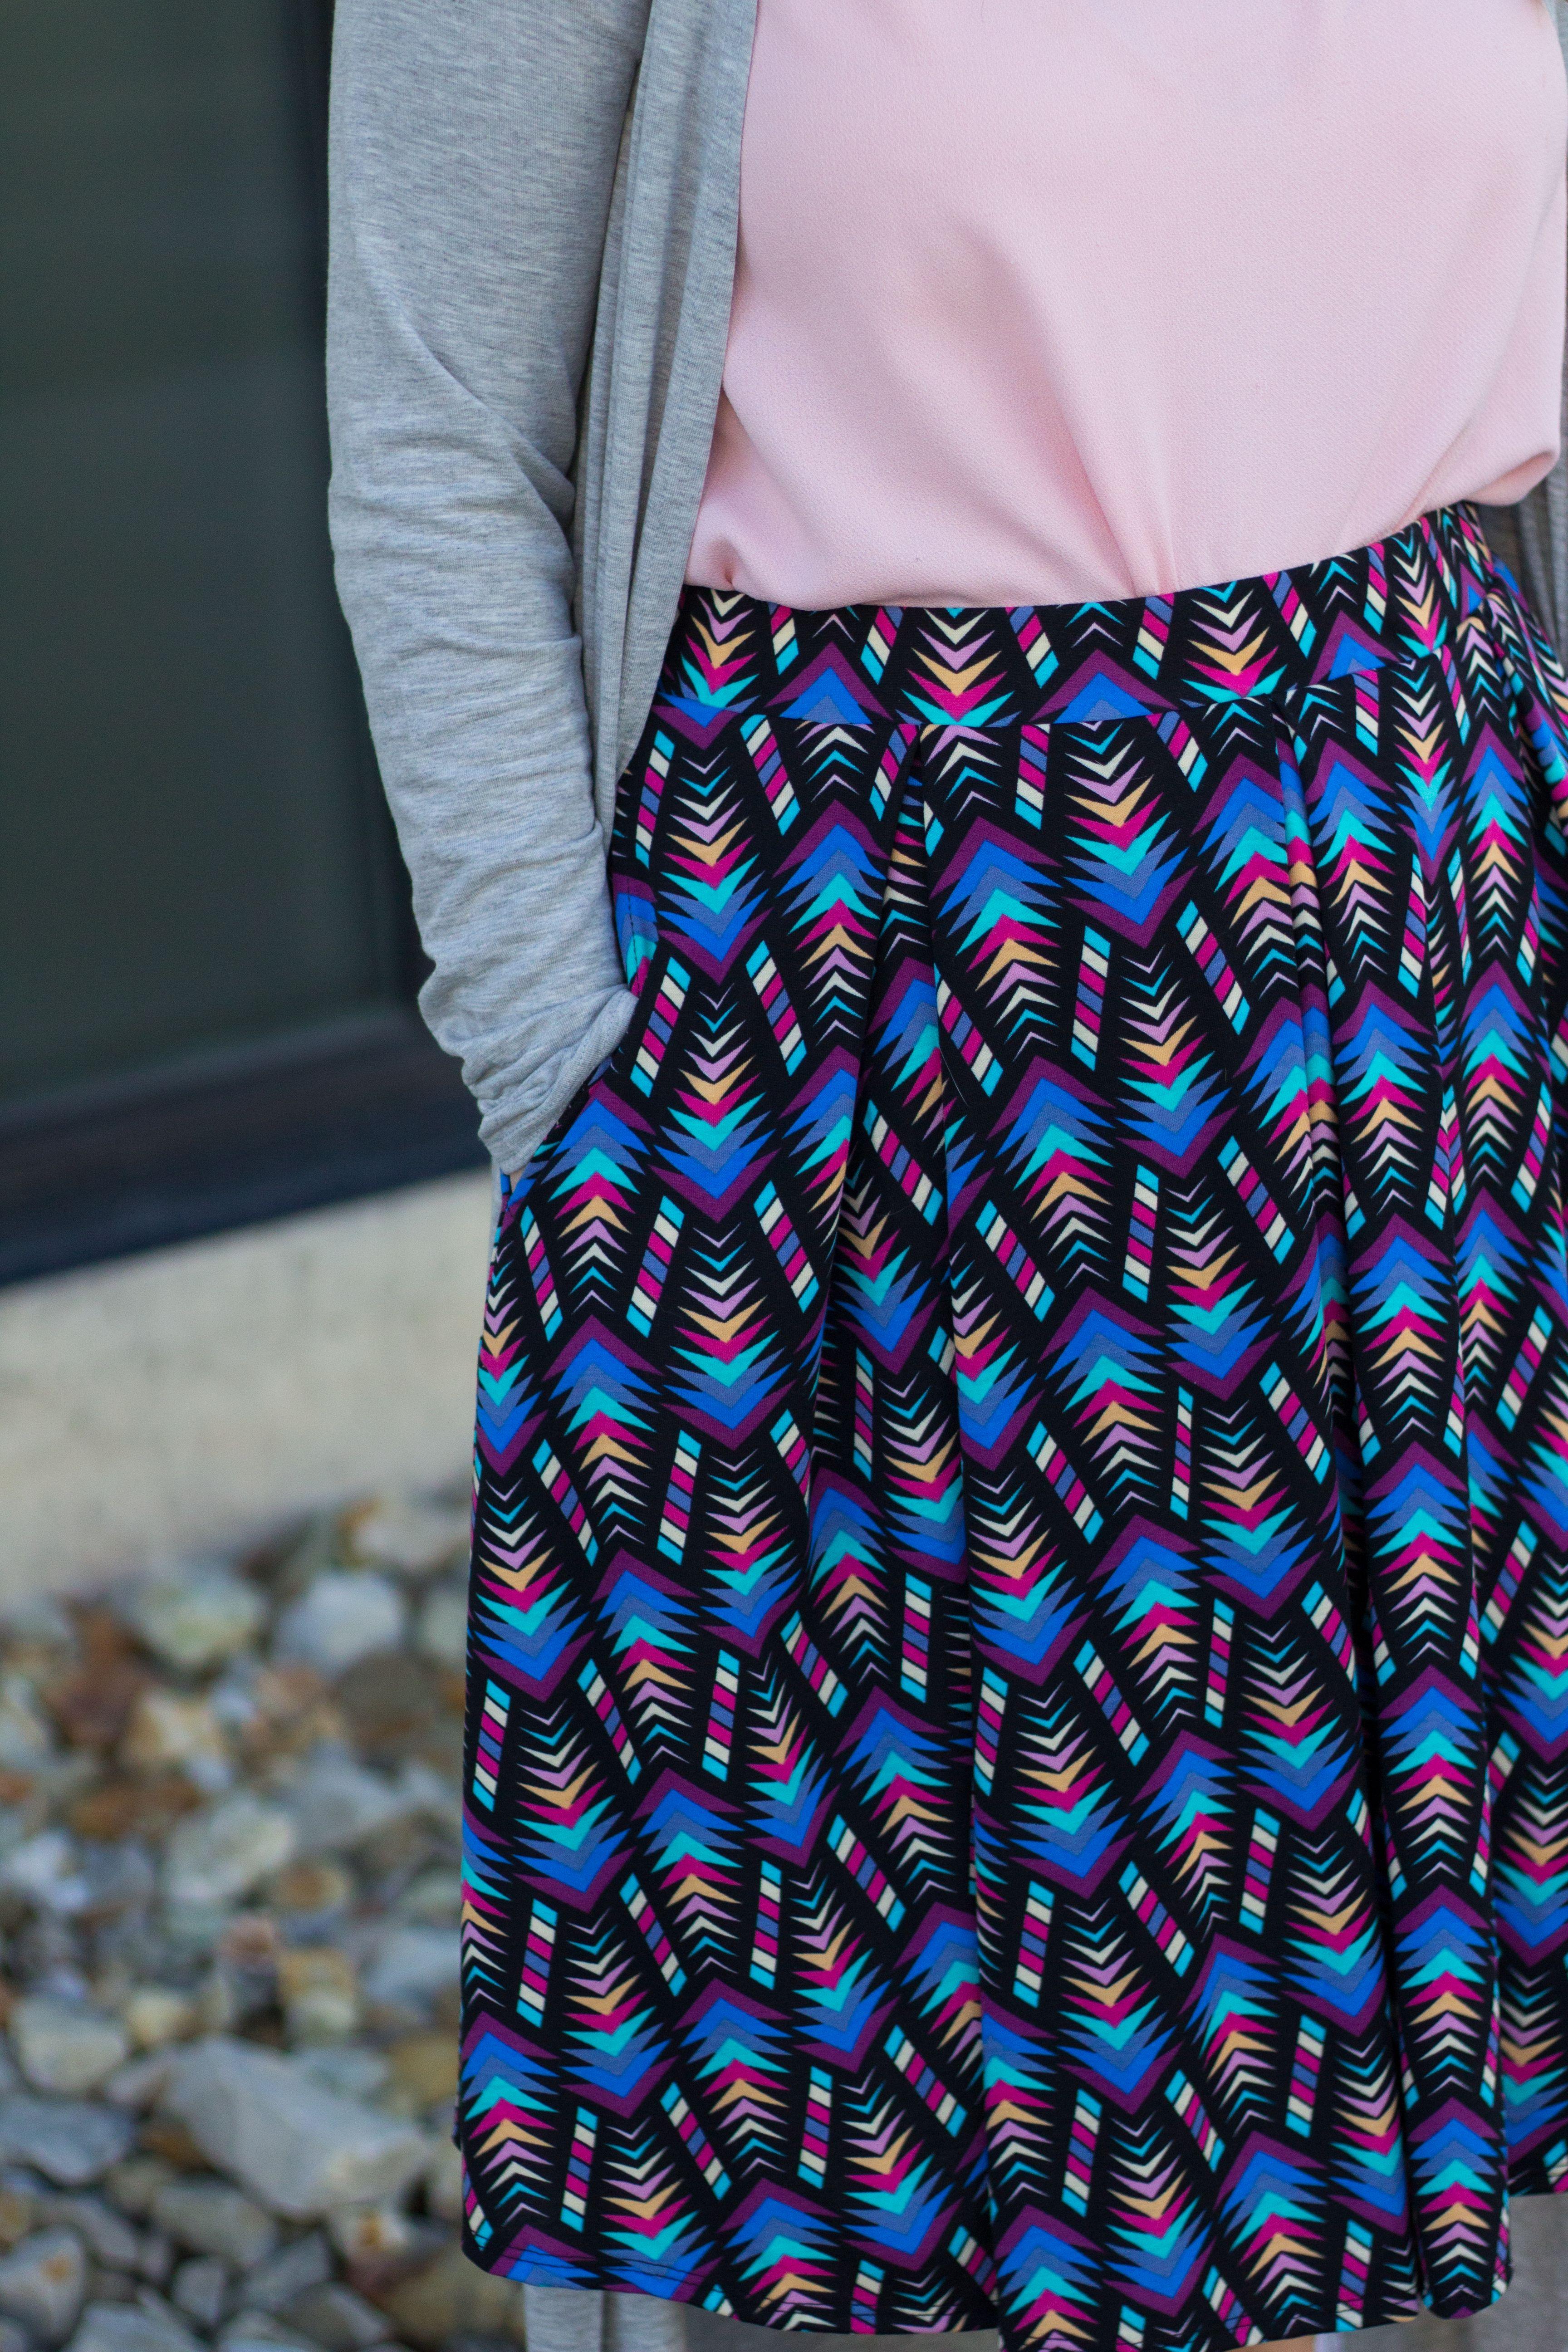 lularoe madison skirt @lularoe